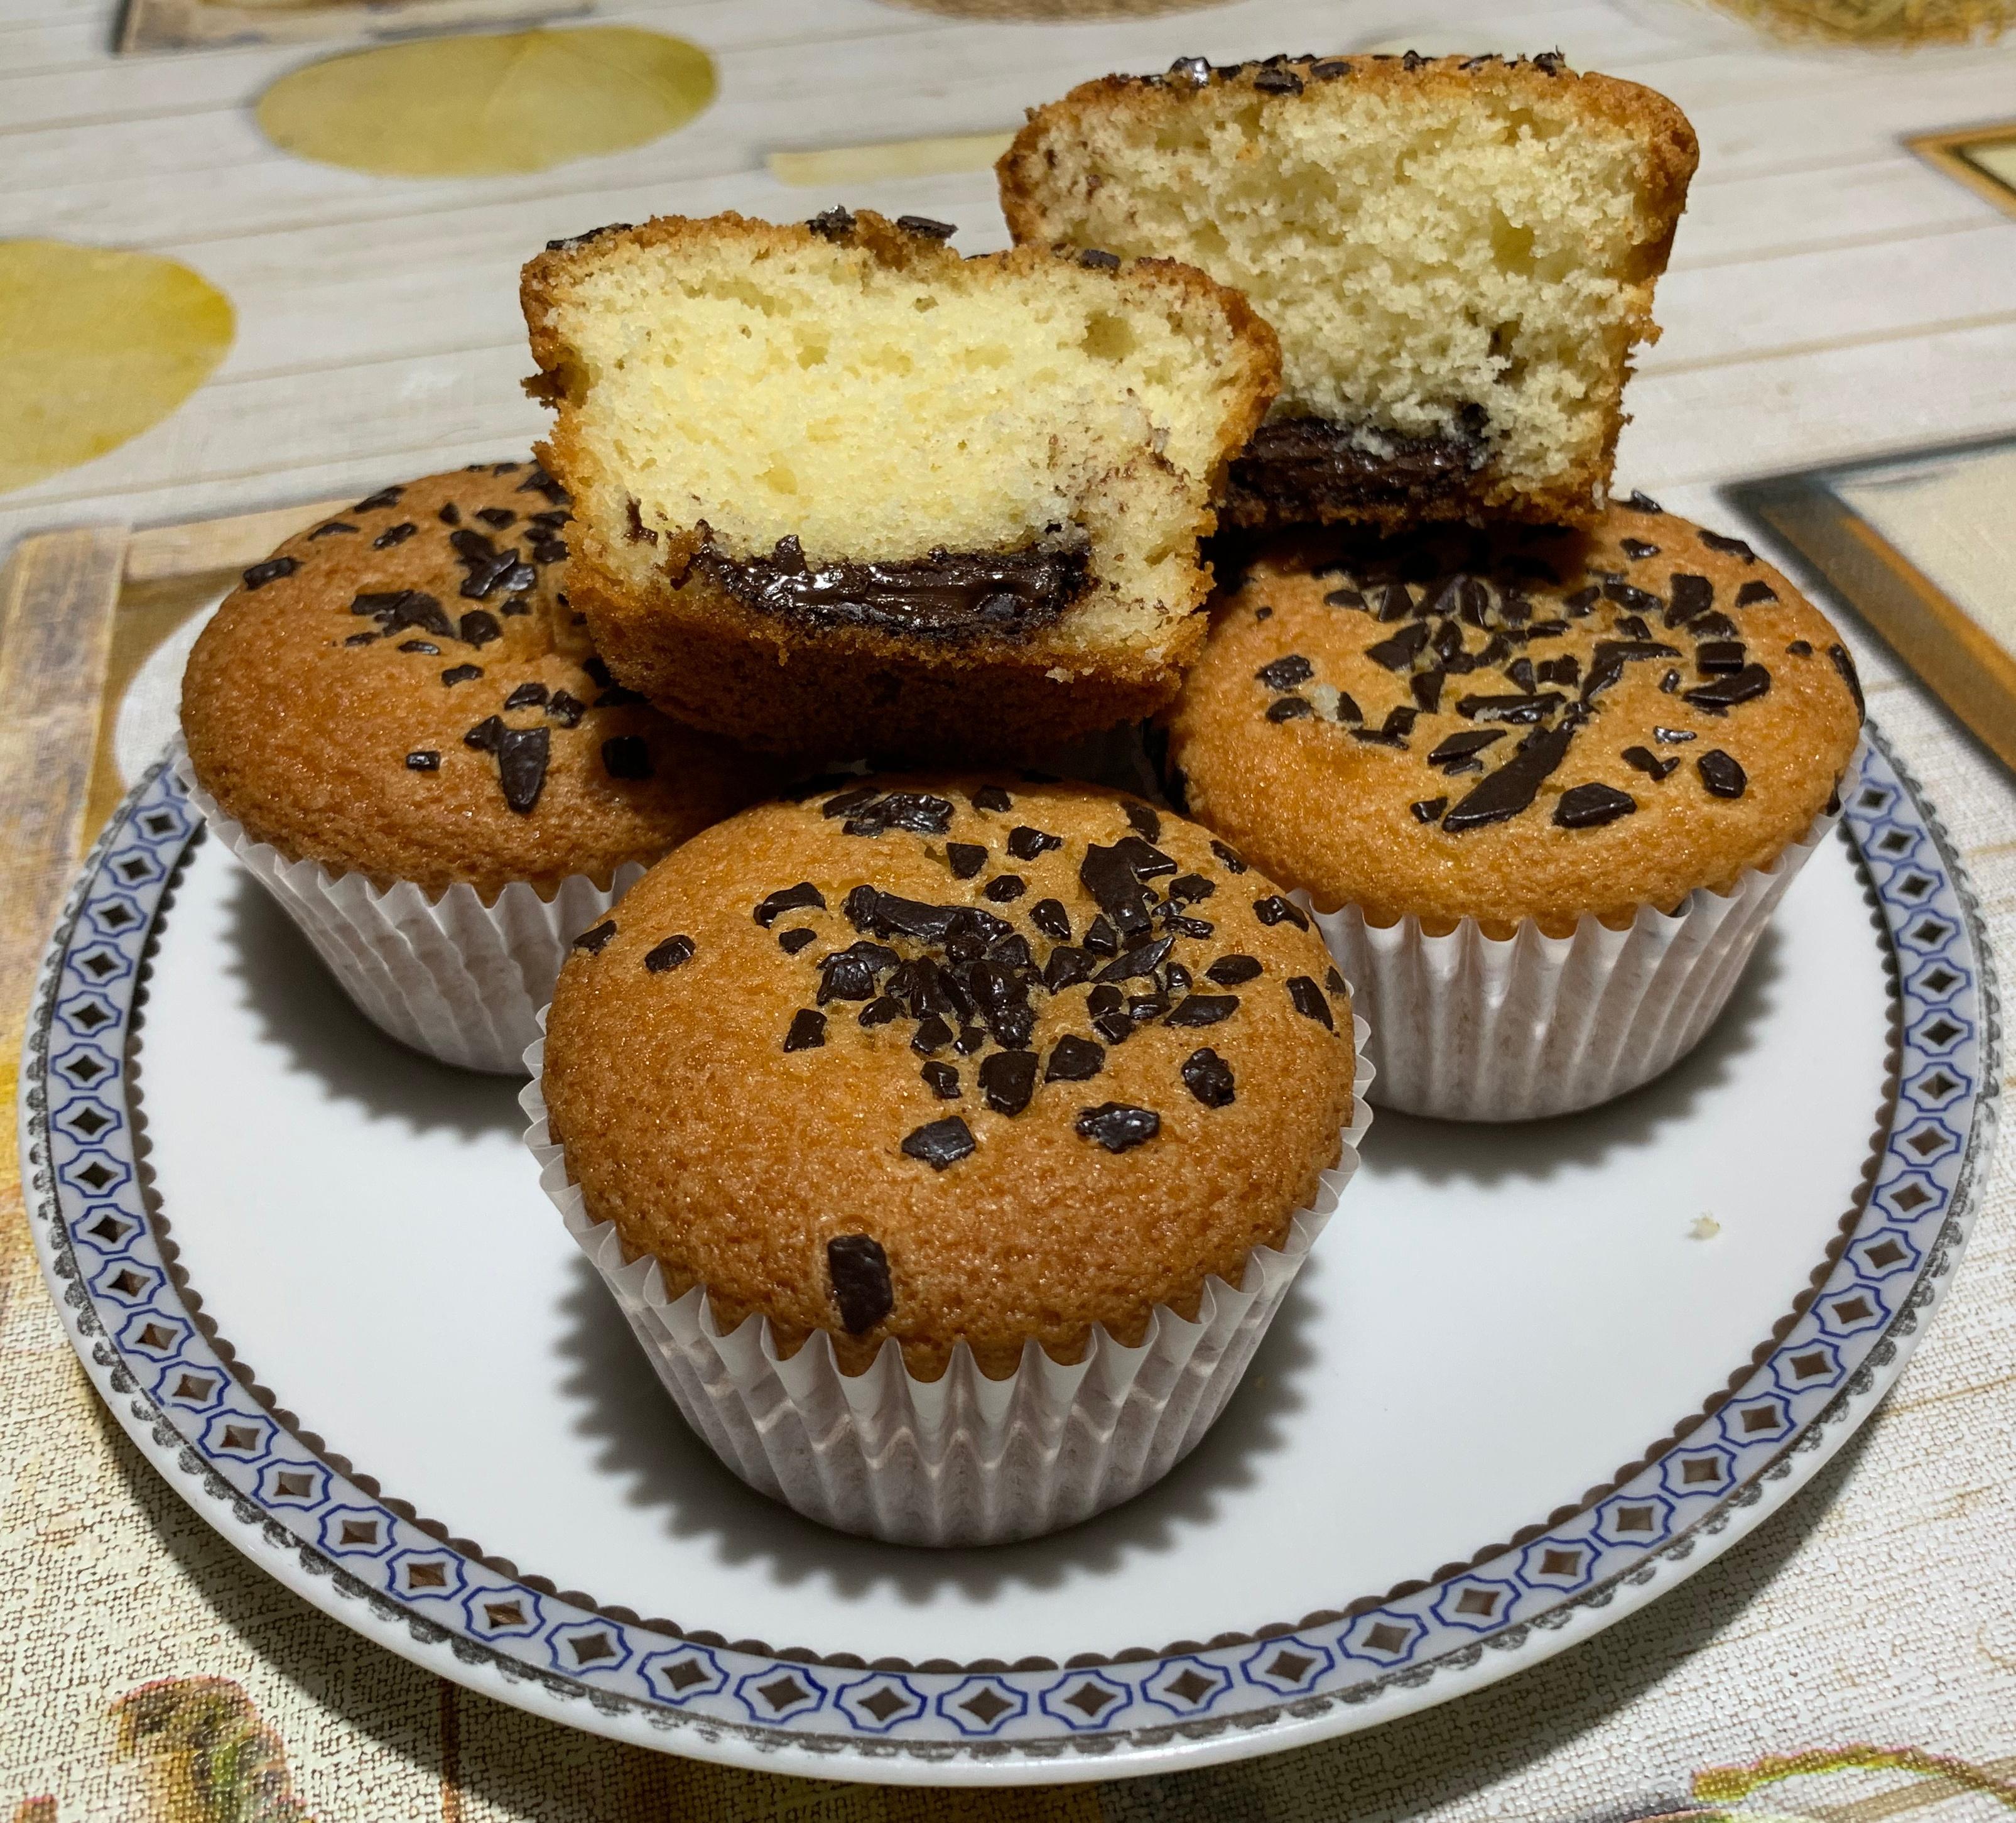 Ricetta Muffin Senza Latte.Muffin Senza Glutine E Lattosio Col Cuore Morbido